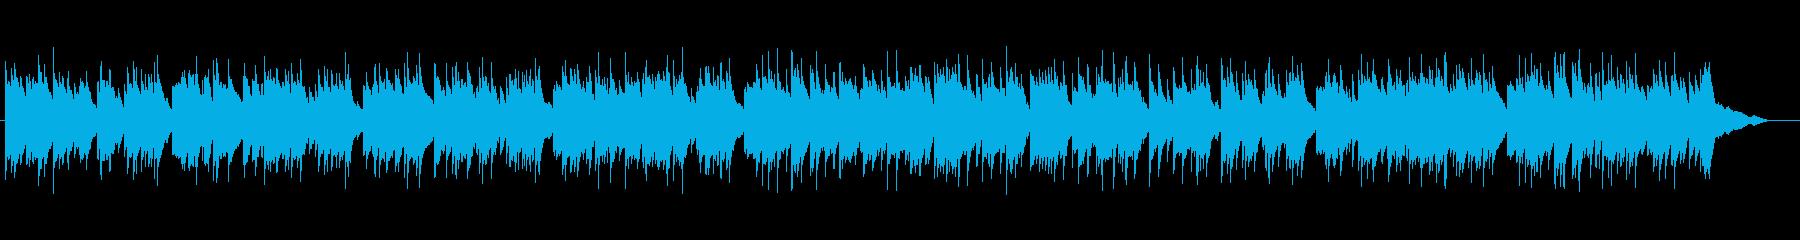 期待感を感じるピアノ曲の再生済みの波形